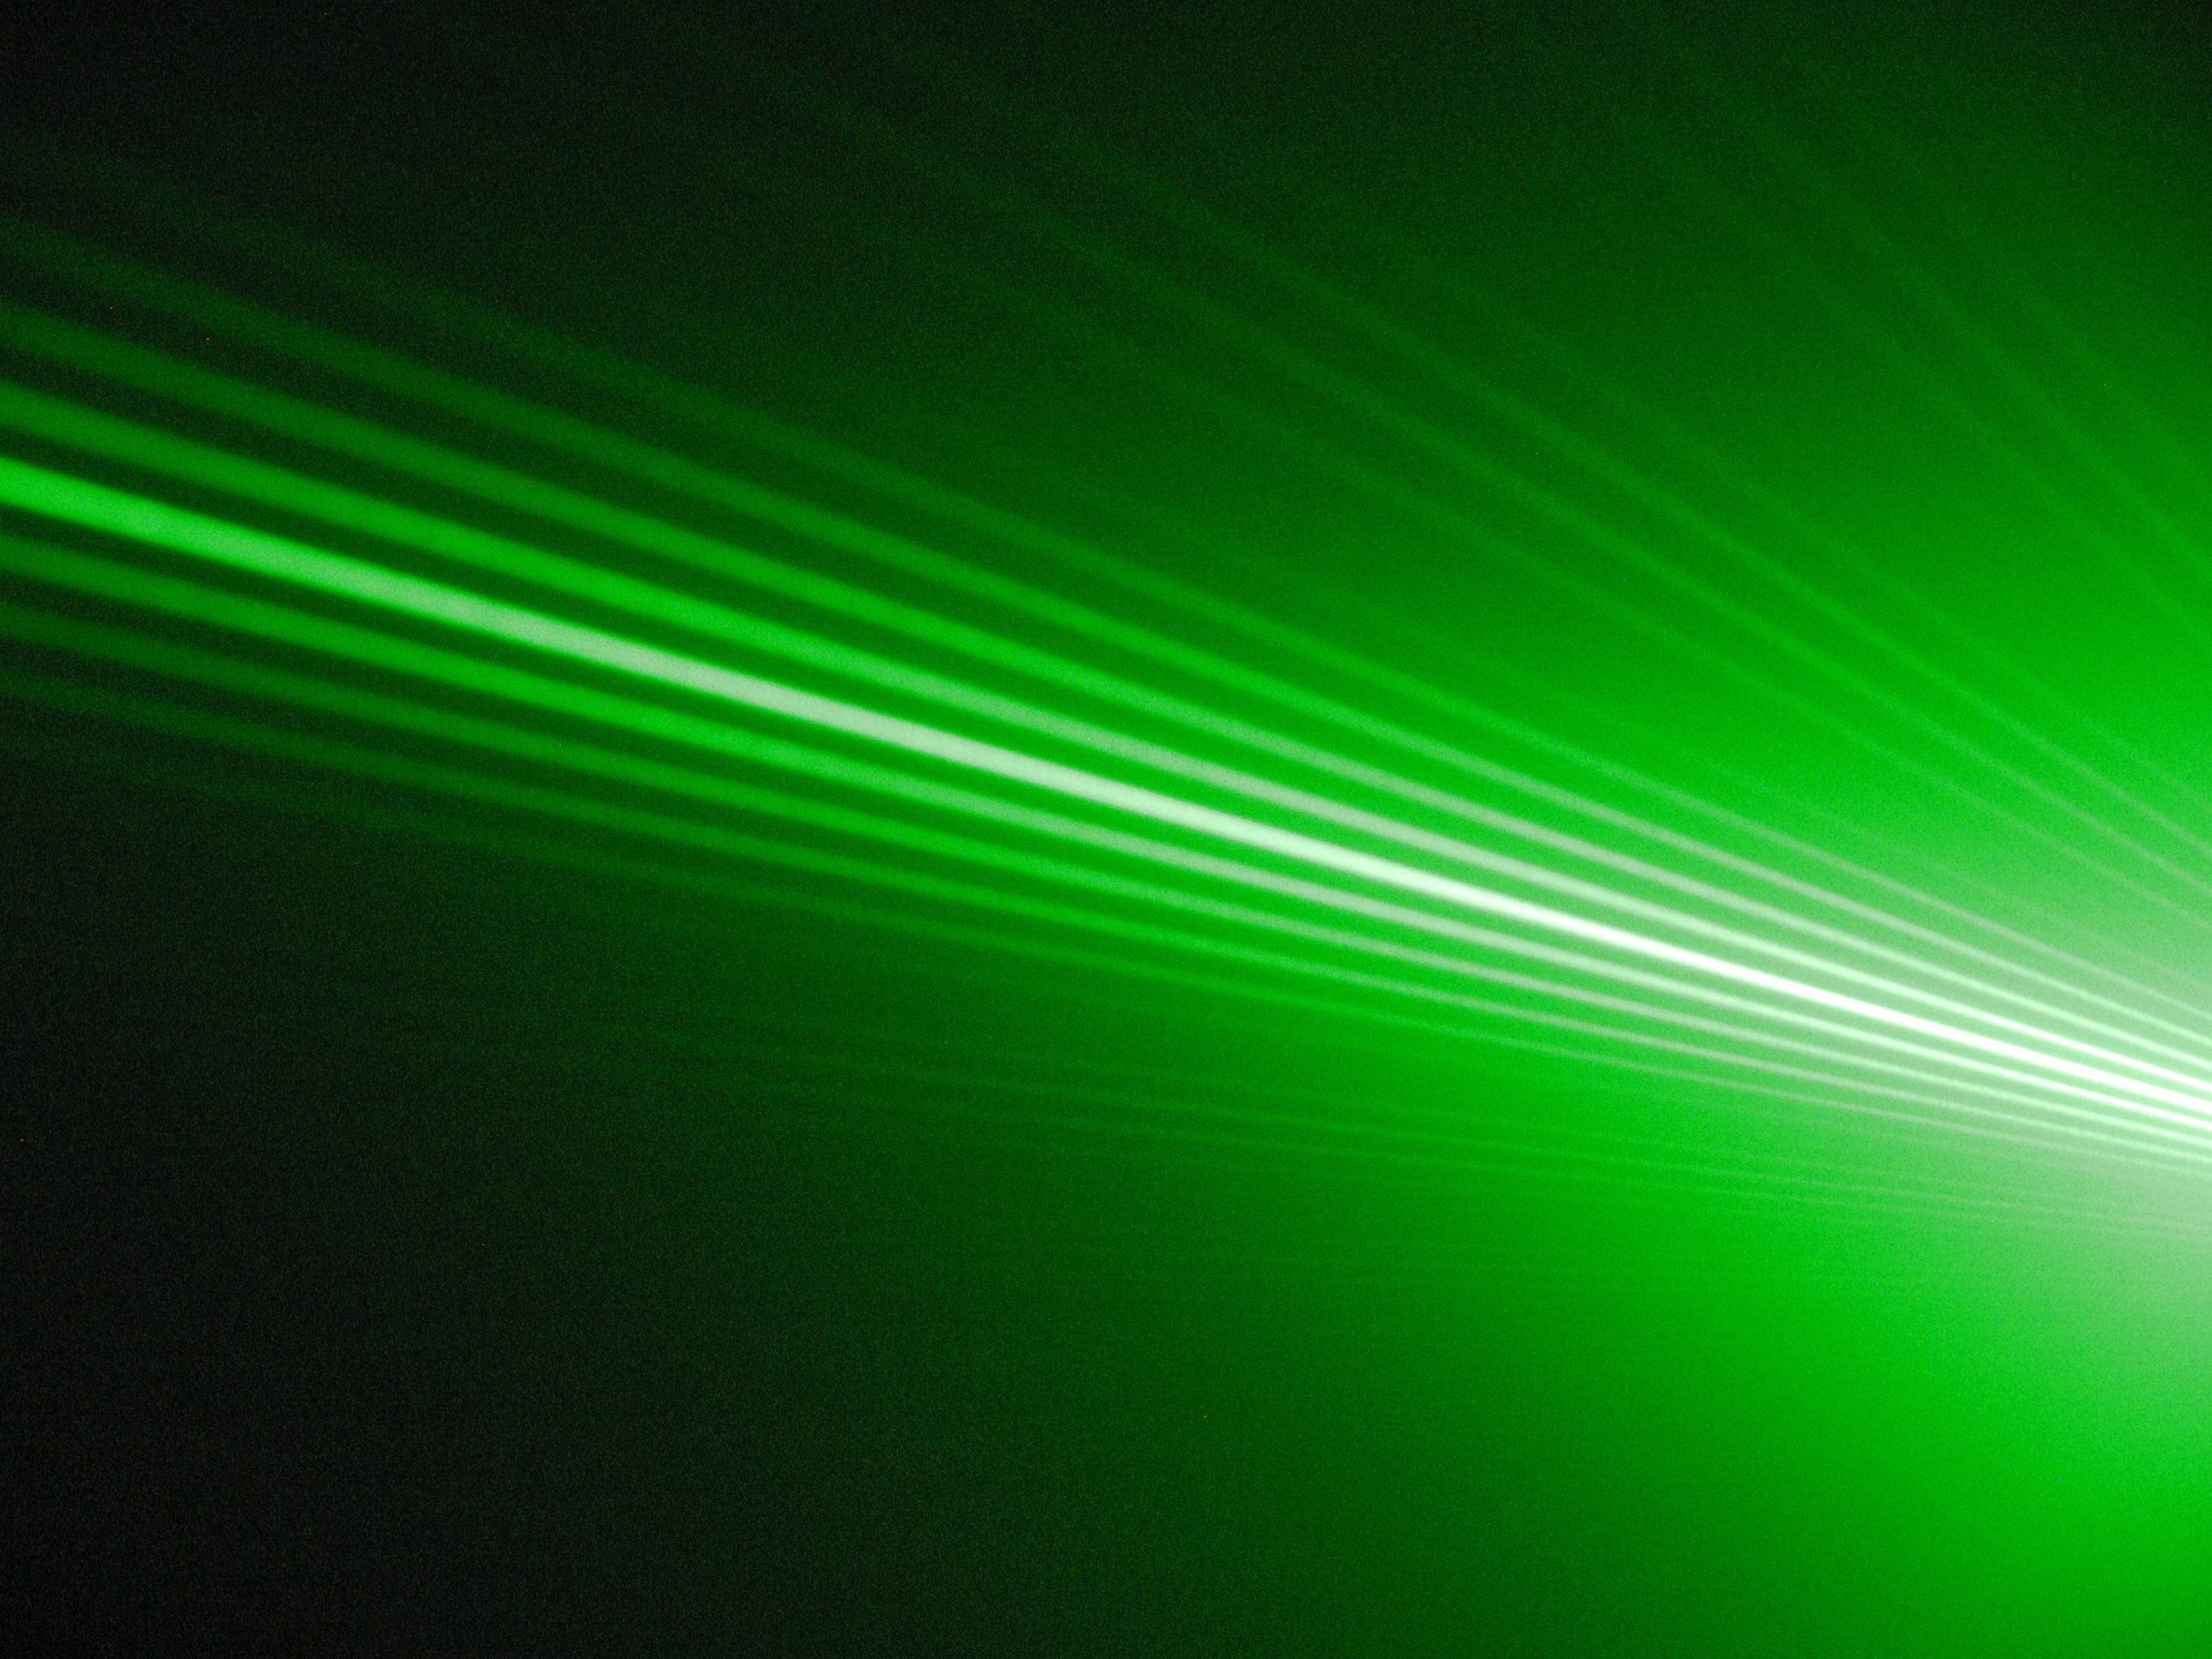 Velocidad de particulas para fusion..hay algo raro!!! - Página 4 Uaup